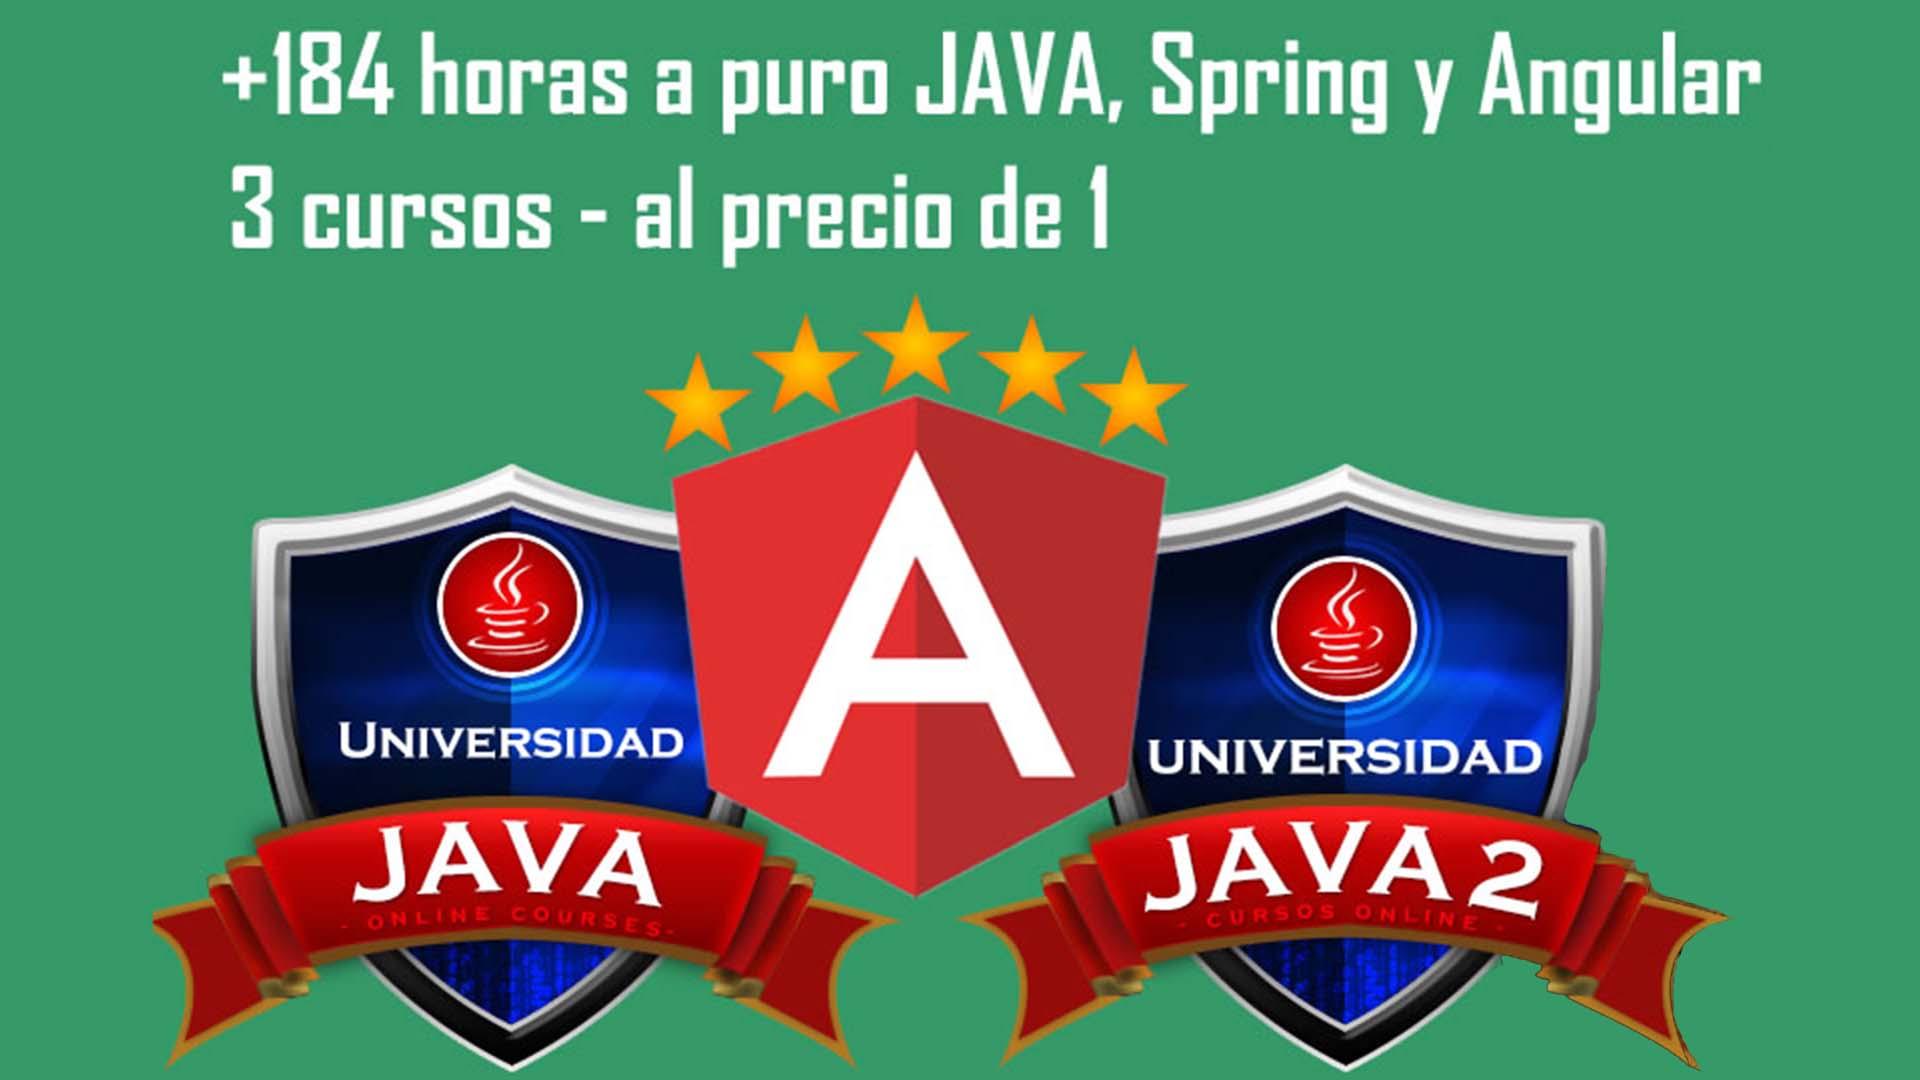 Oferta IToo: 3 Cursos en 1 (Universidad Java 1 y 2 más curso de programación en Angular) por menos de 9 dólares